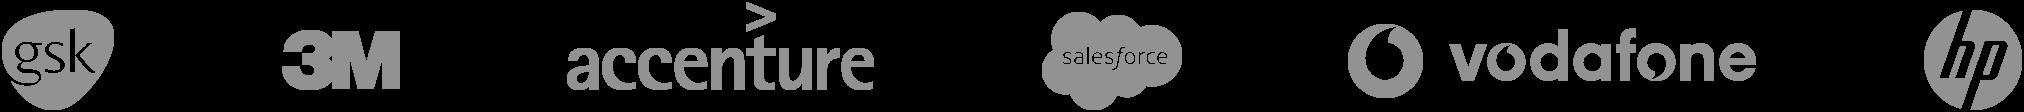 Partner logos image